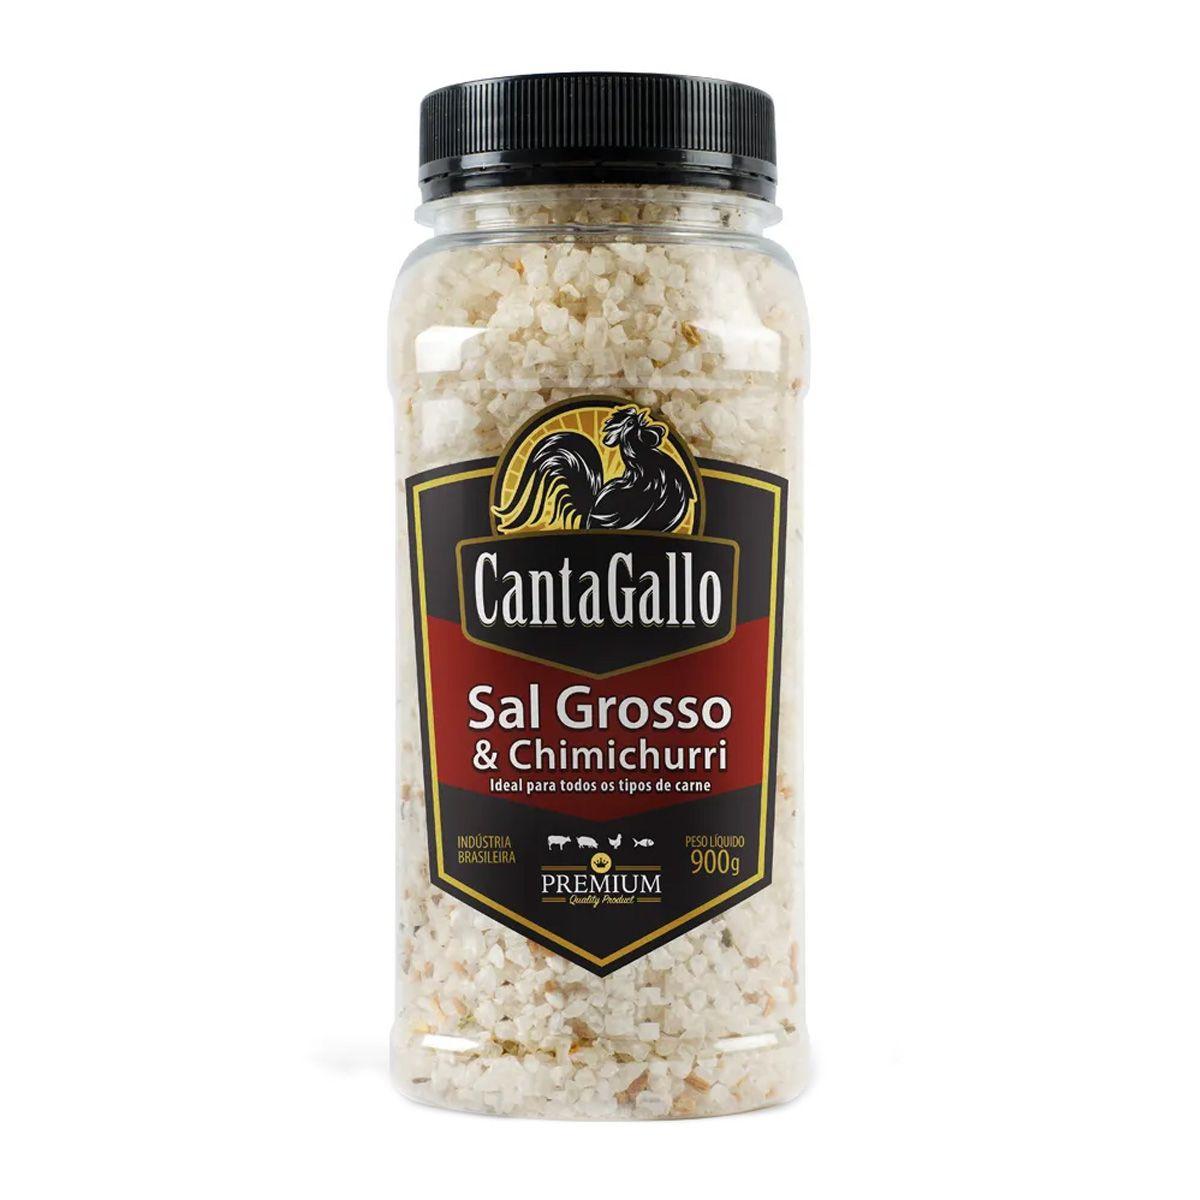 Sal Grosso e Chimichurri Cantagallo Premium 900g